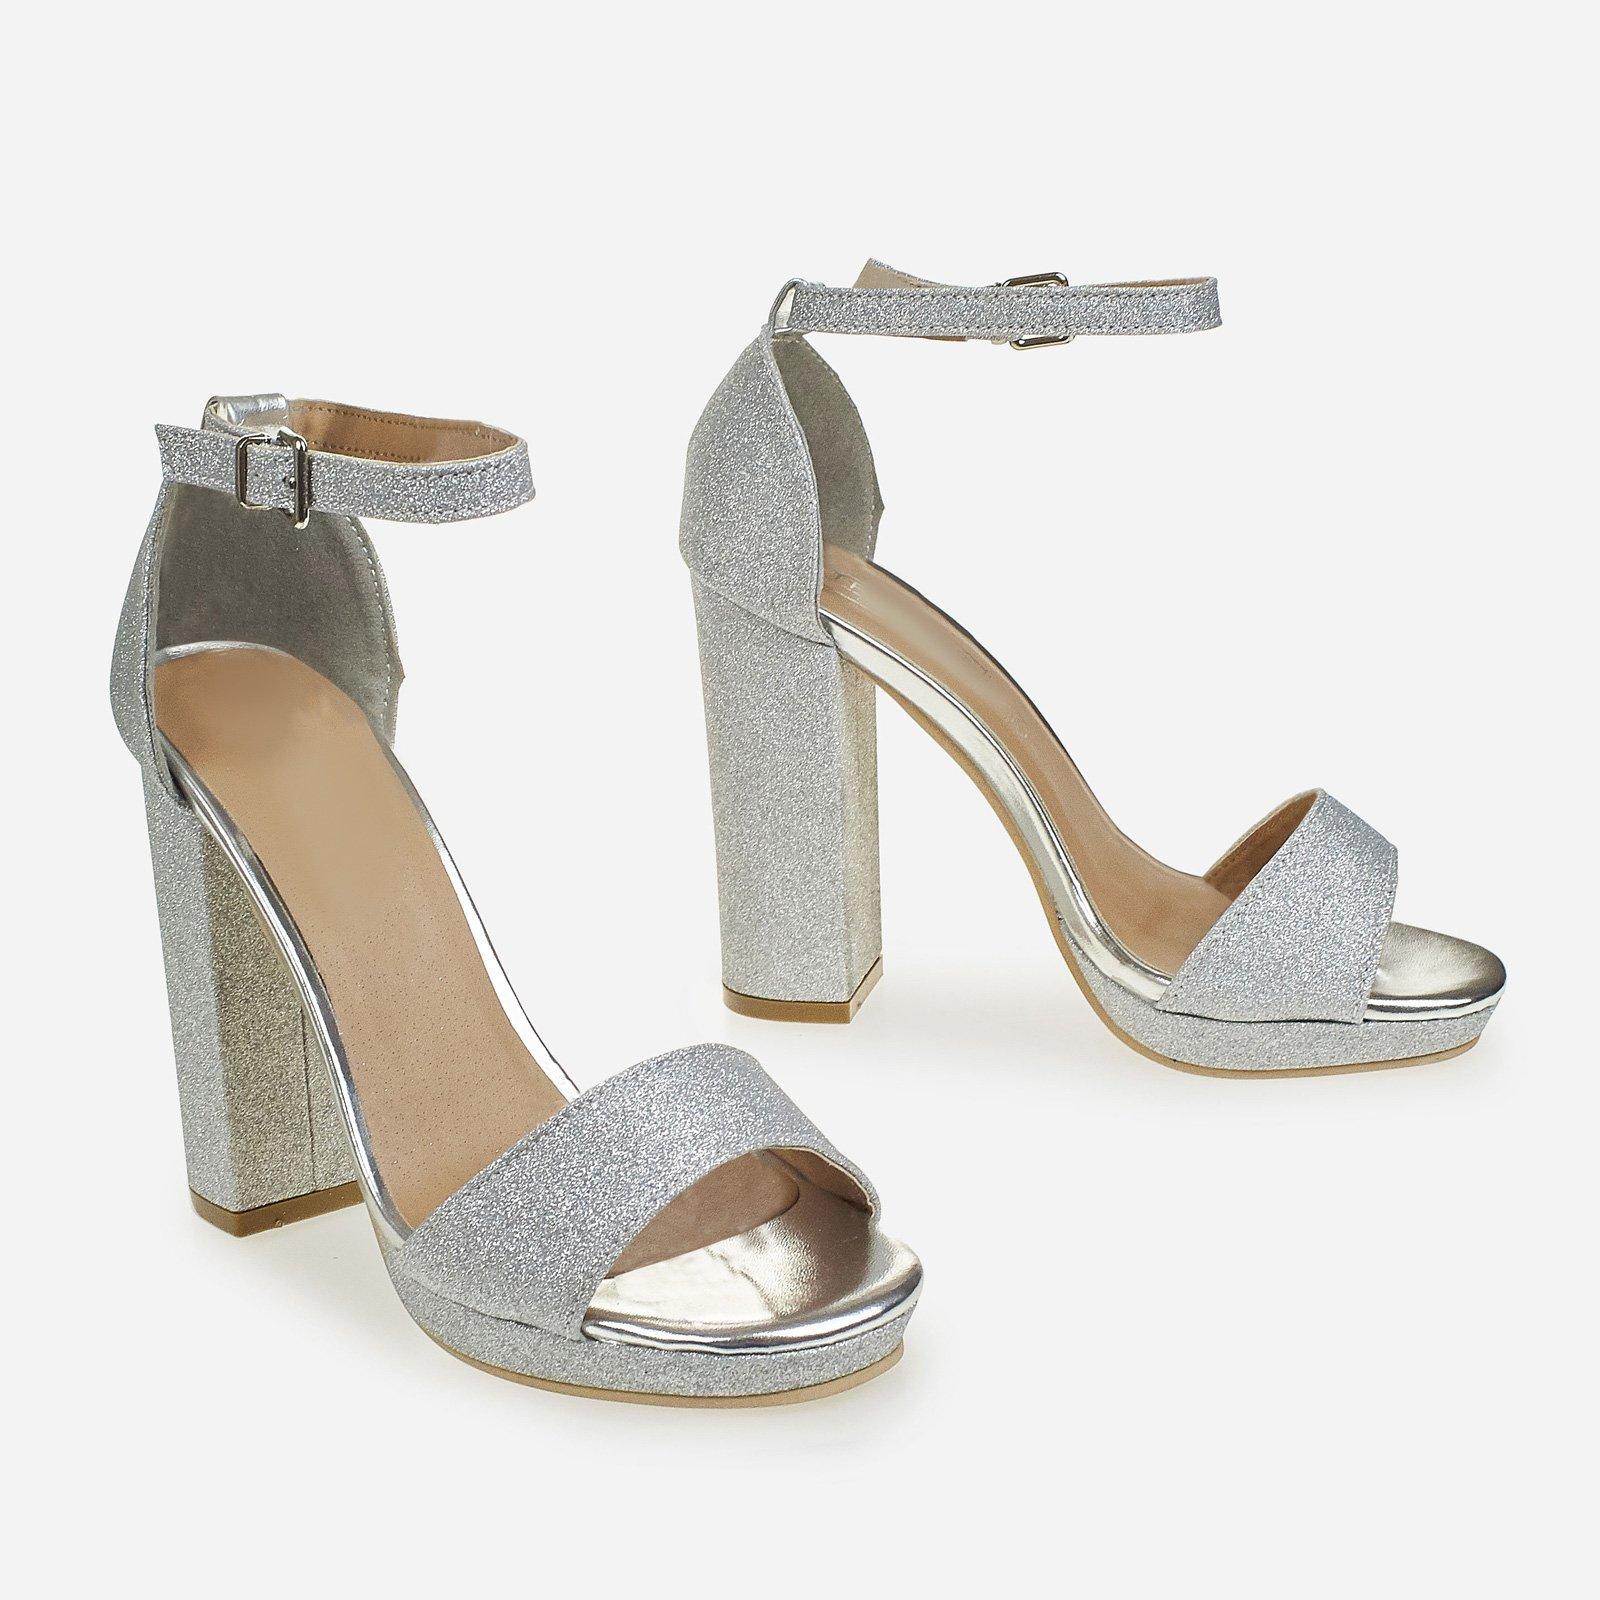 Chloe Block Heeled Sandal In Silver Glitter